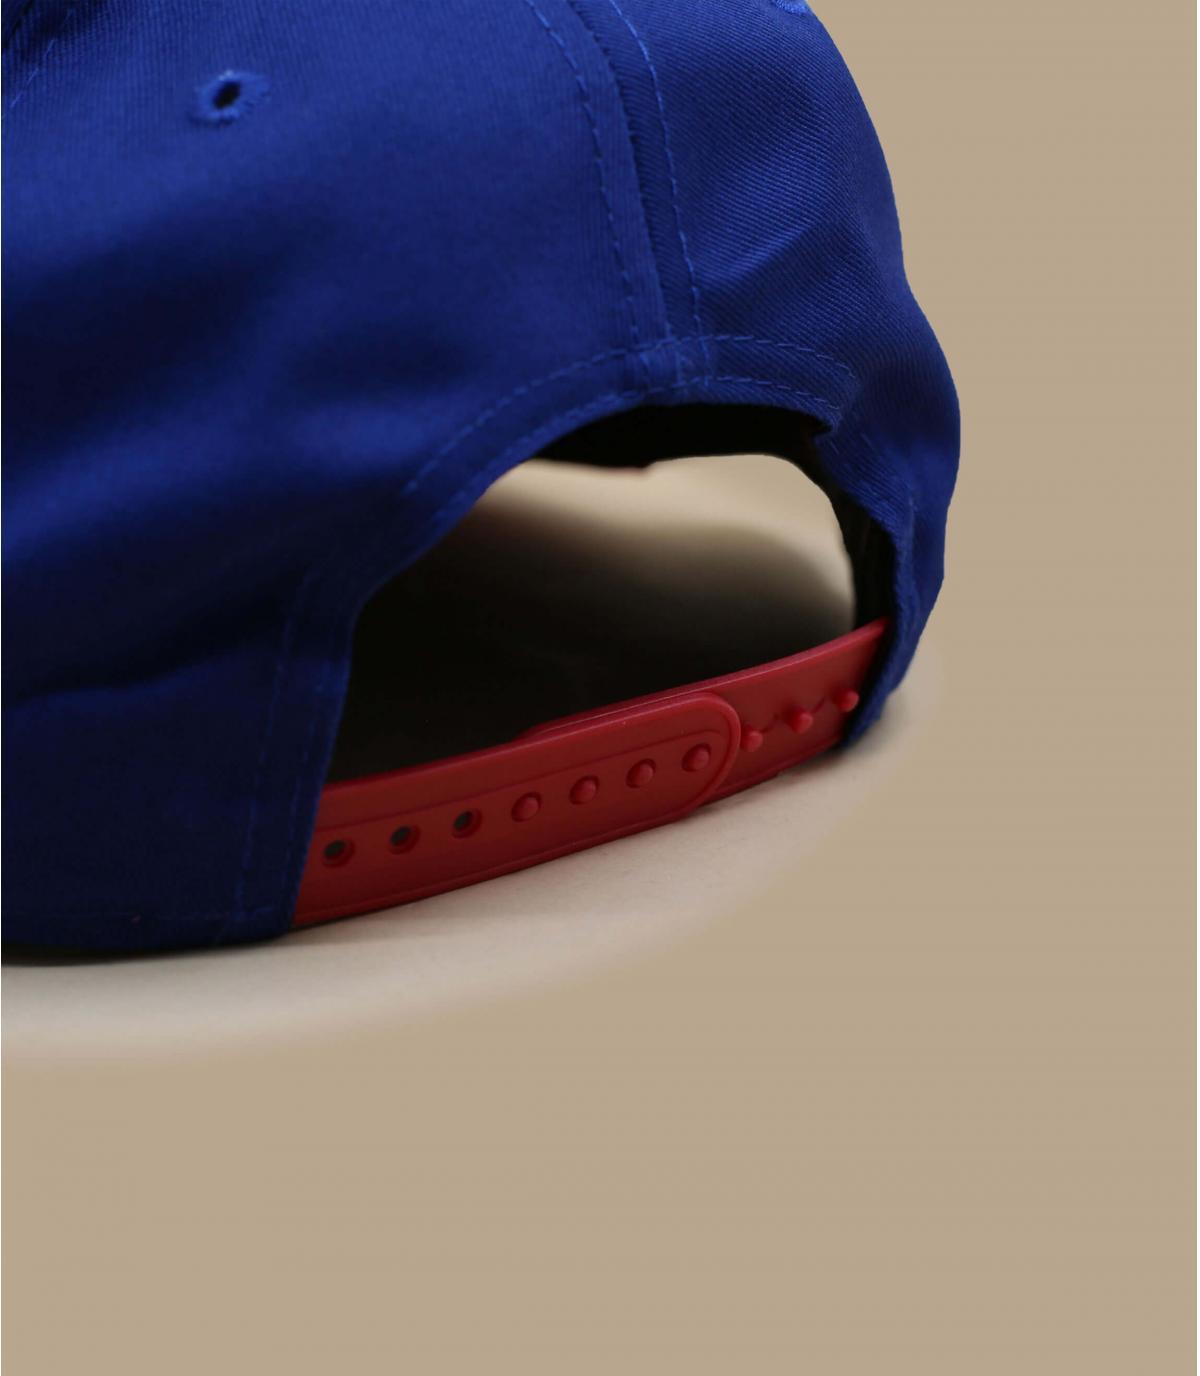 Details Snapback NY 9Fifty blue red - Abbildung 4